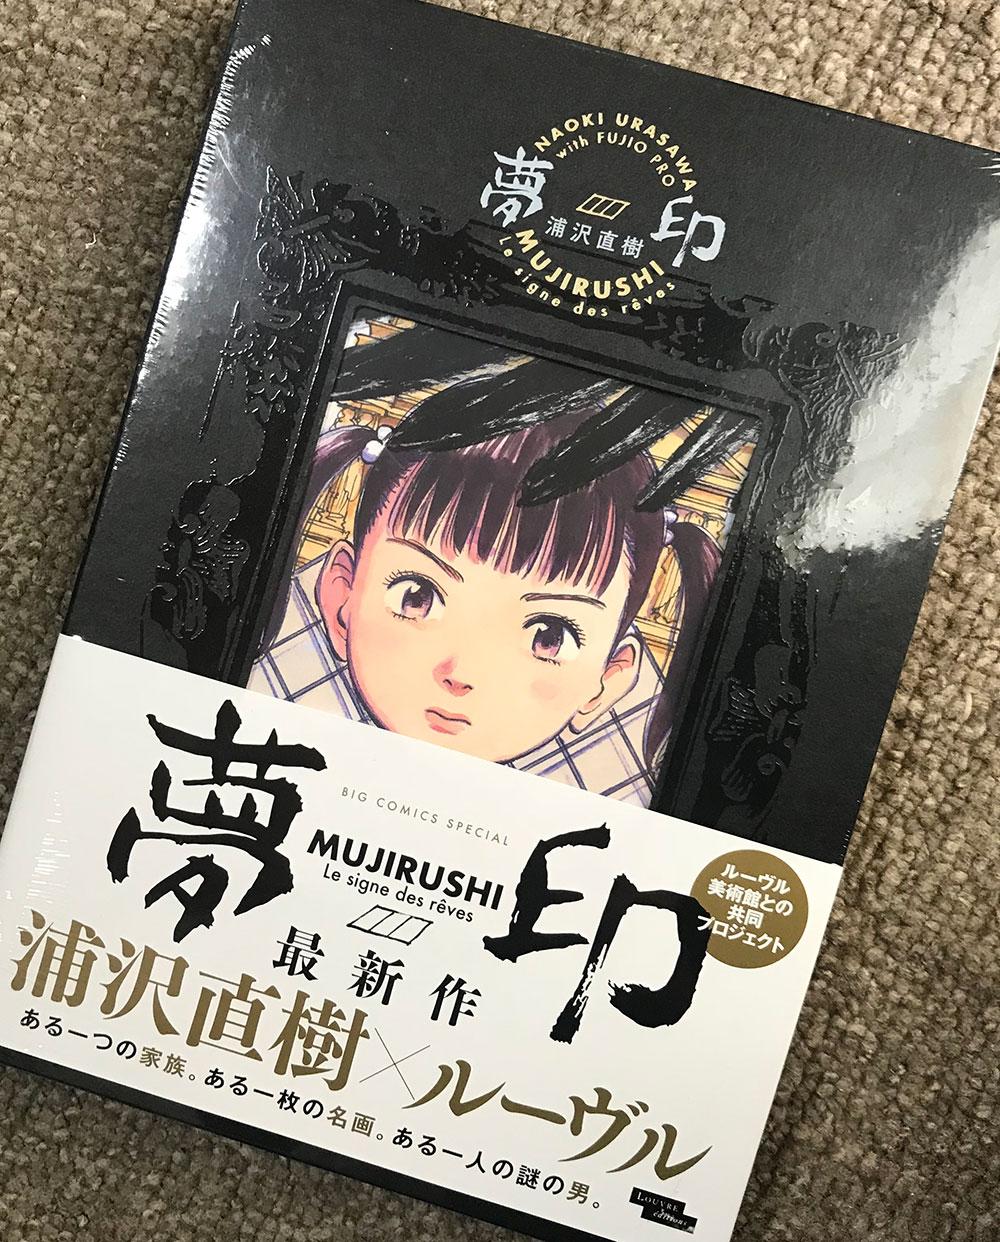 浦沢直樹「夢印」ひとめでレジへ MUJIRUSHI